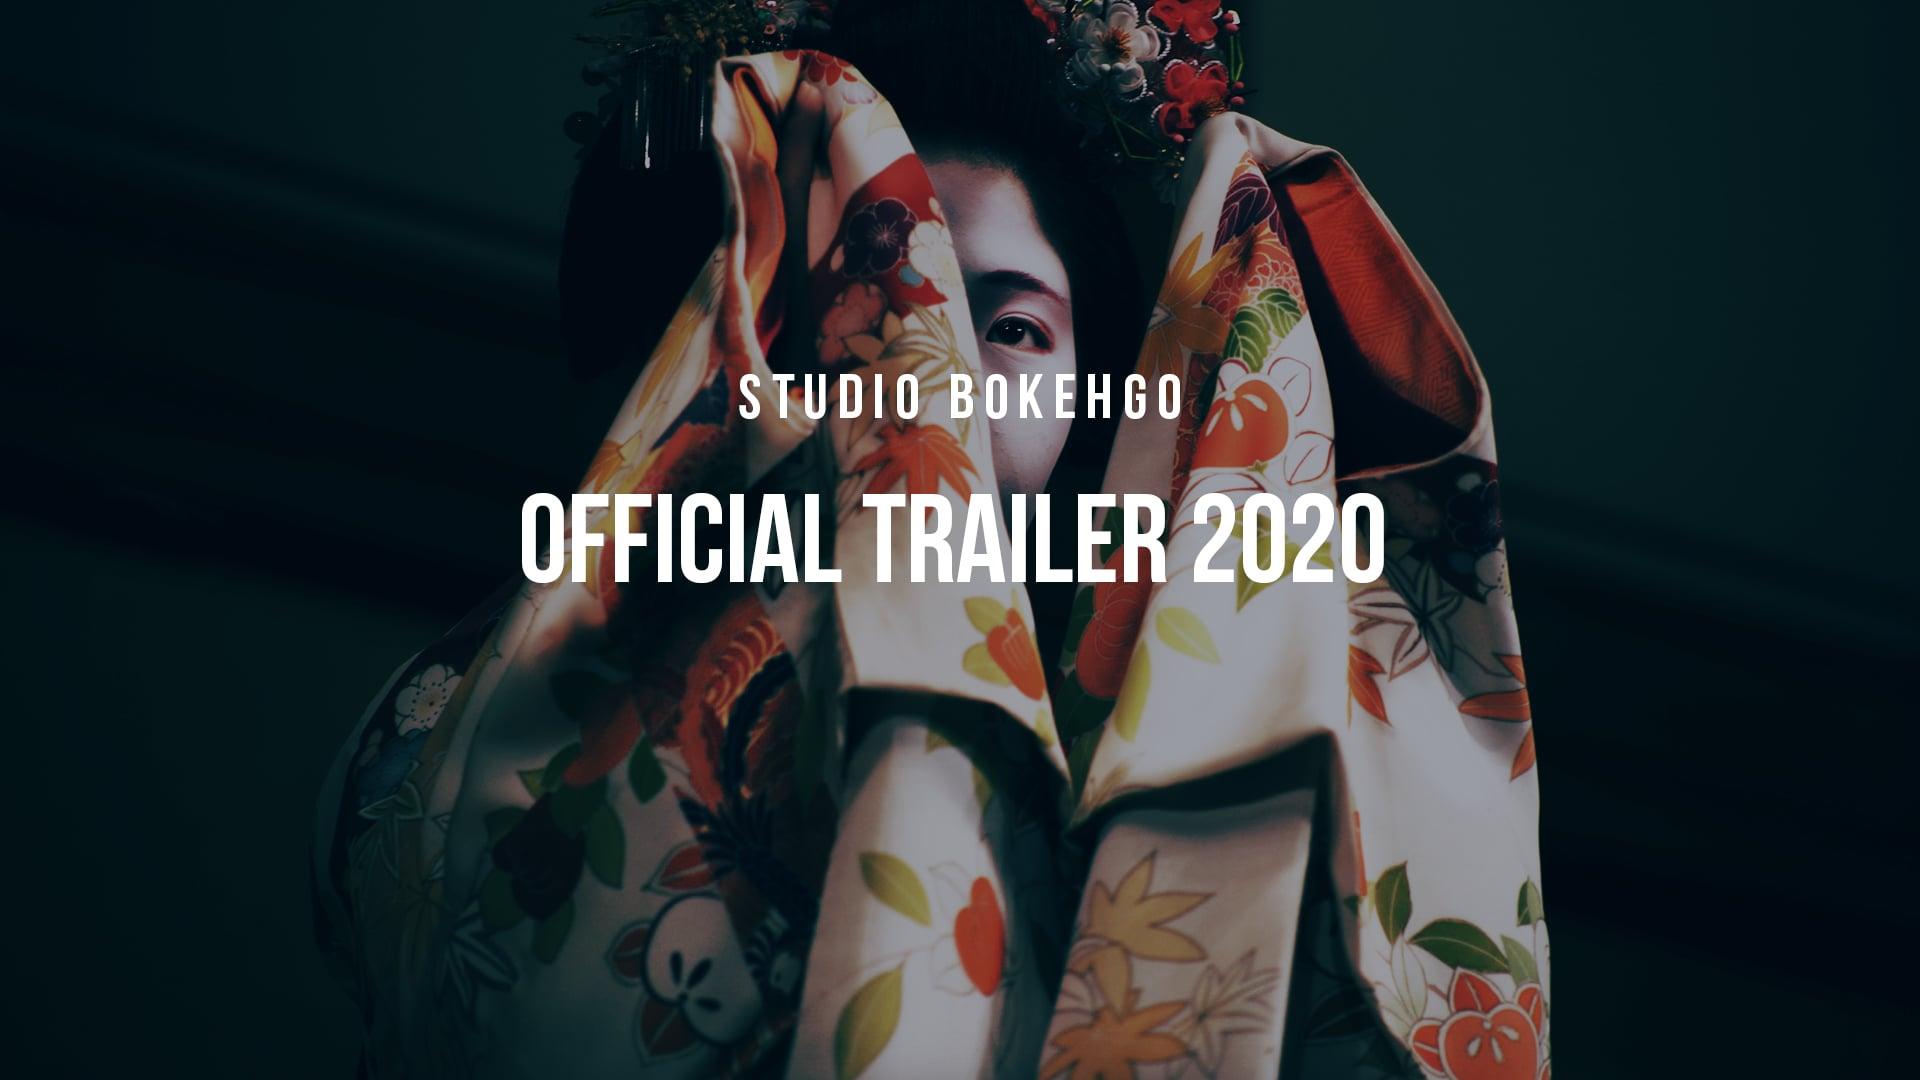 The Studio Bokehgo Official Trailer 2020